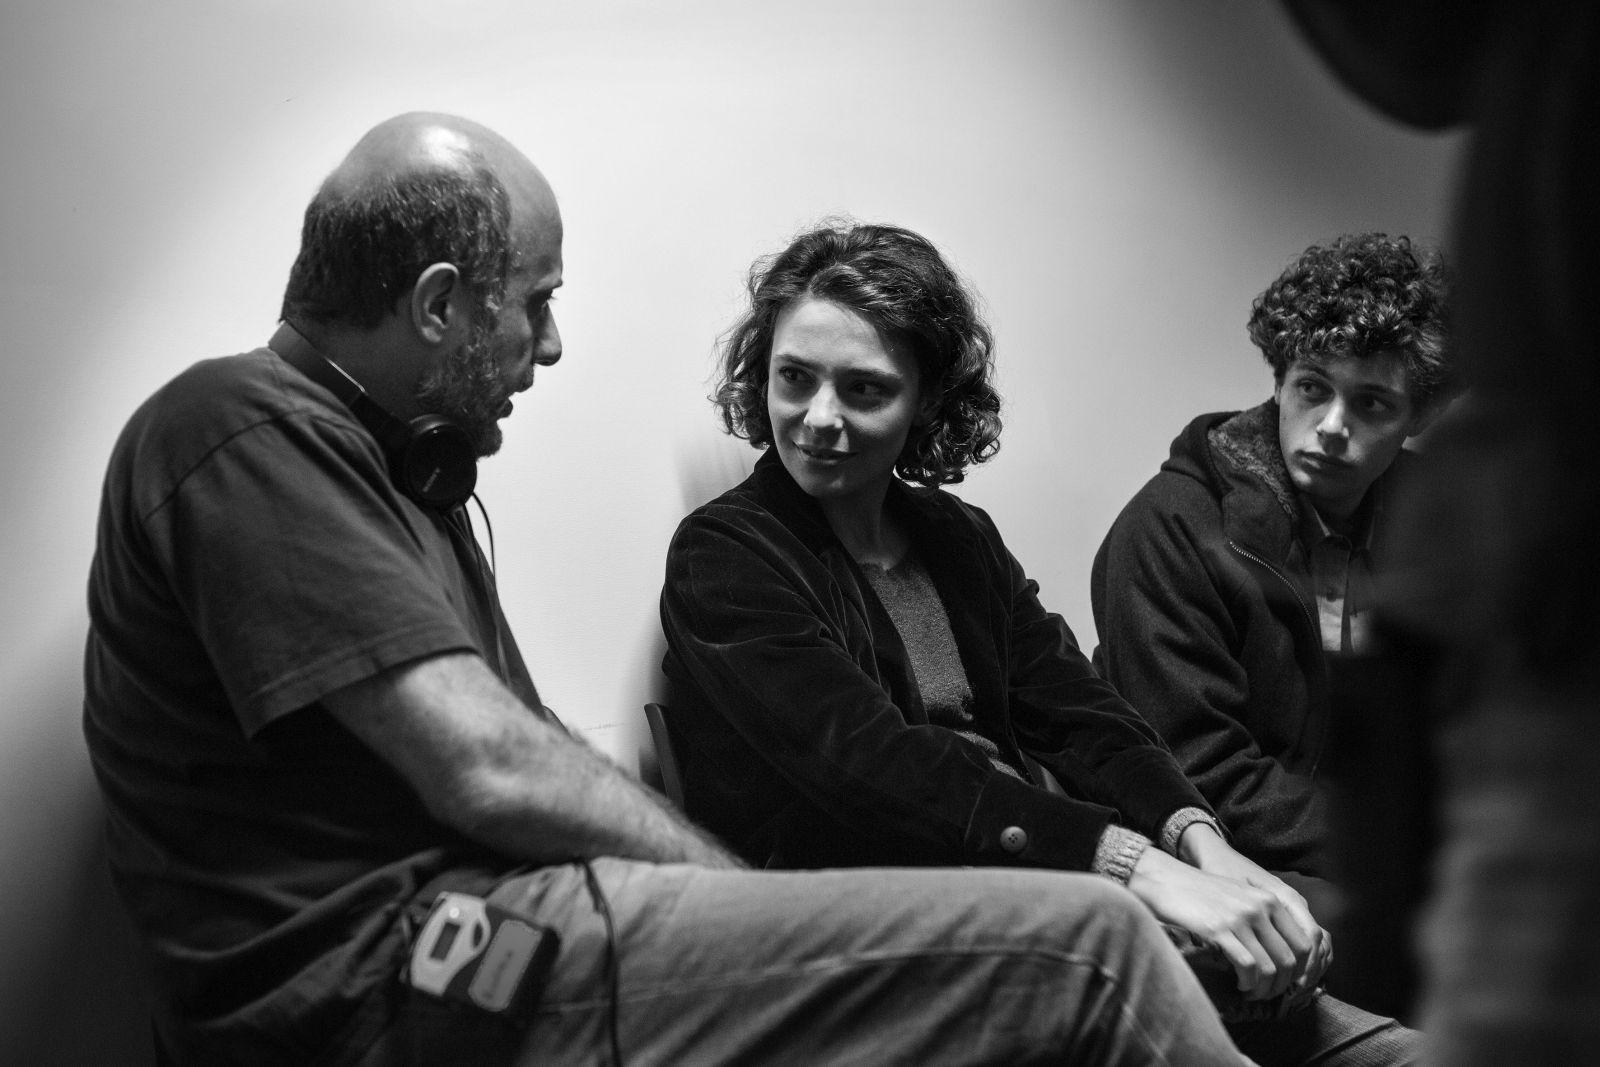 Esclusiva: Slam - Tutto per una ragazza, Jasmine Trinca, Andrea Molaioli e Ludovico Tersigni in una foto dal set